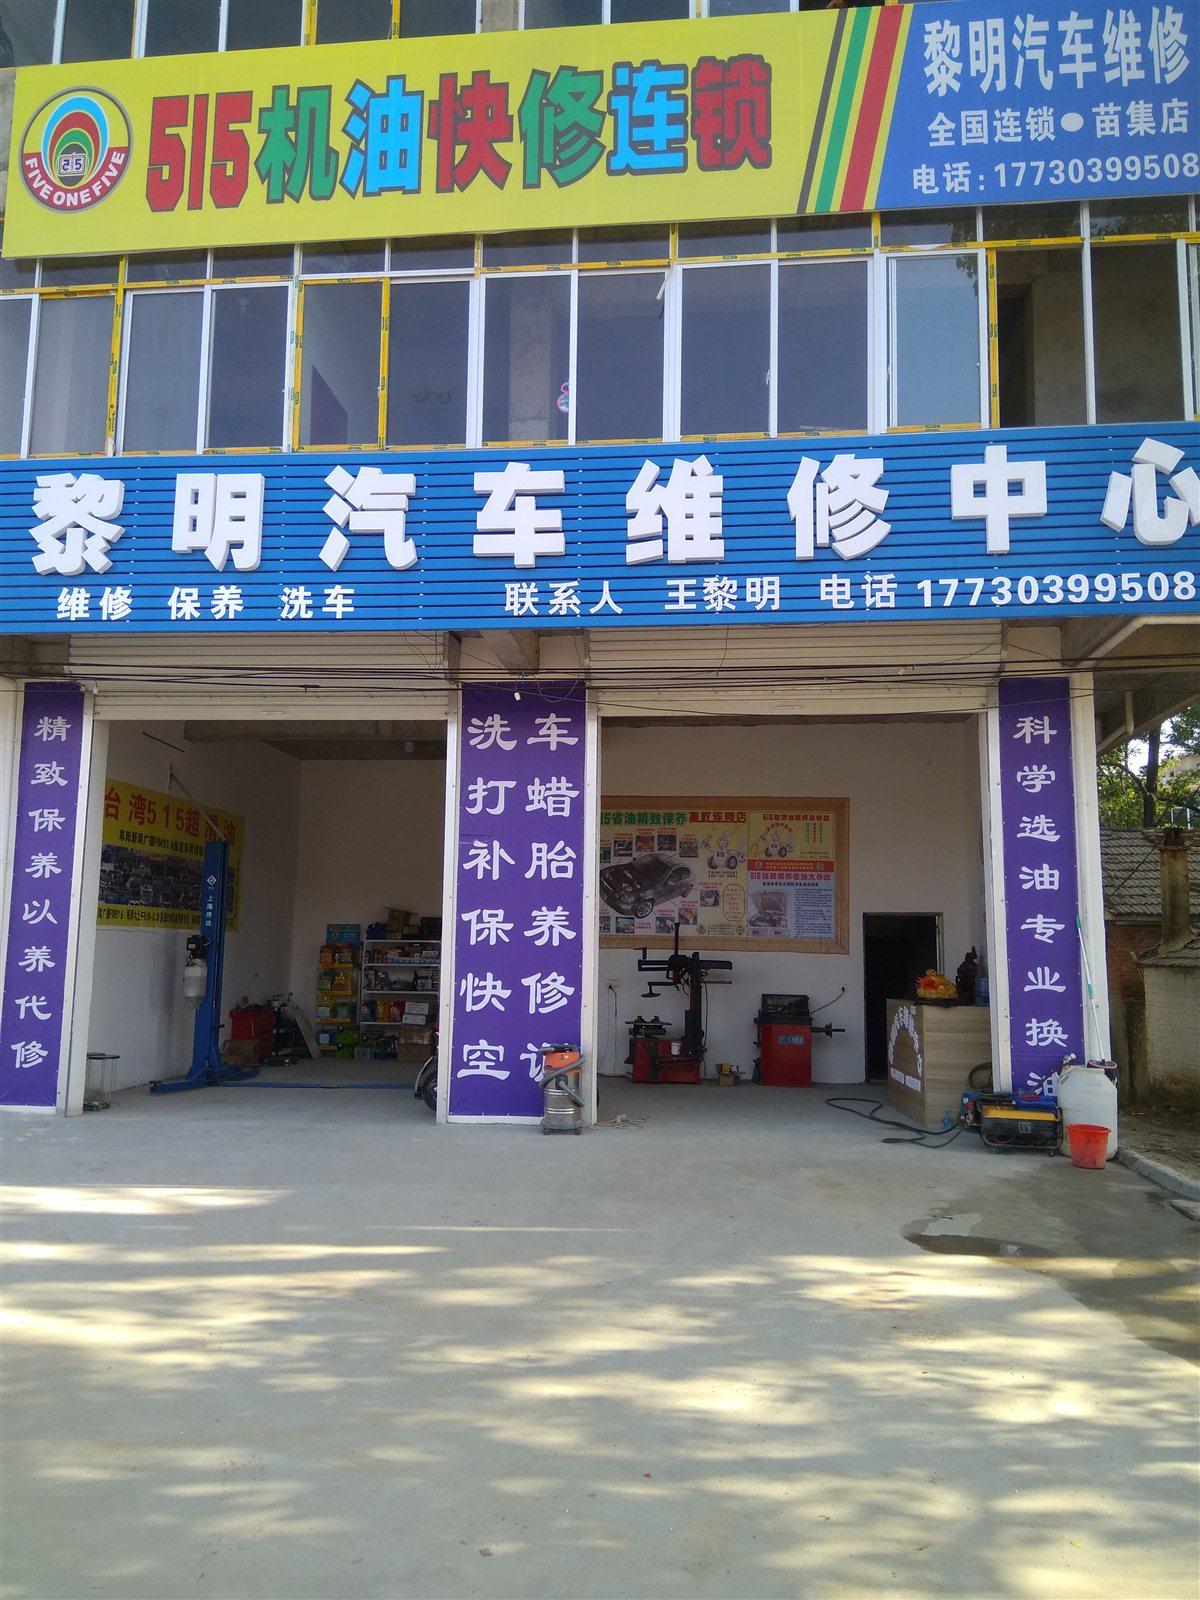 515机油 苗集分店